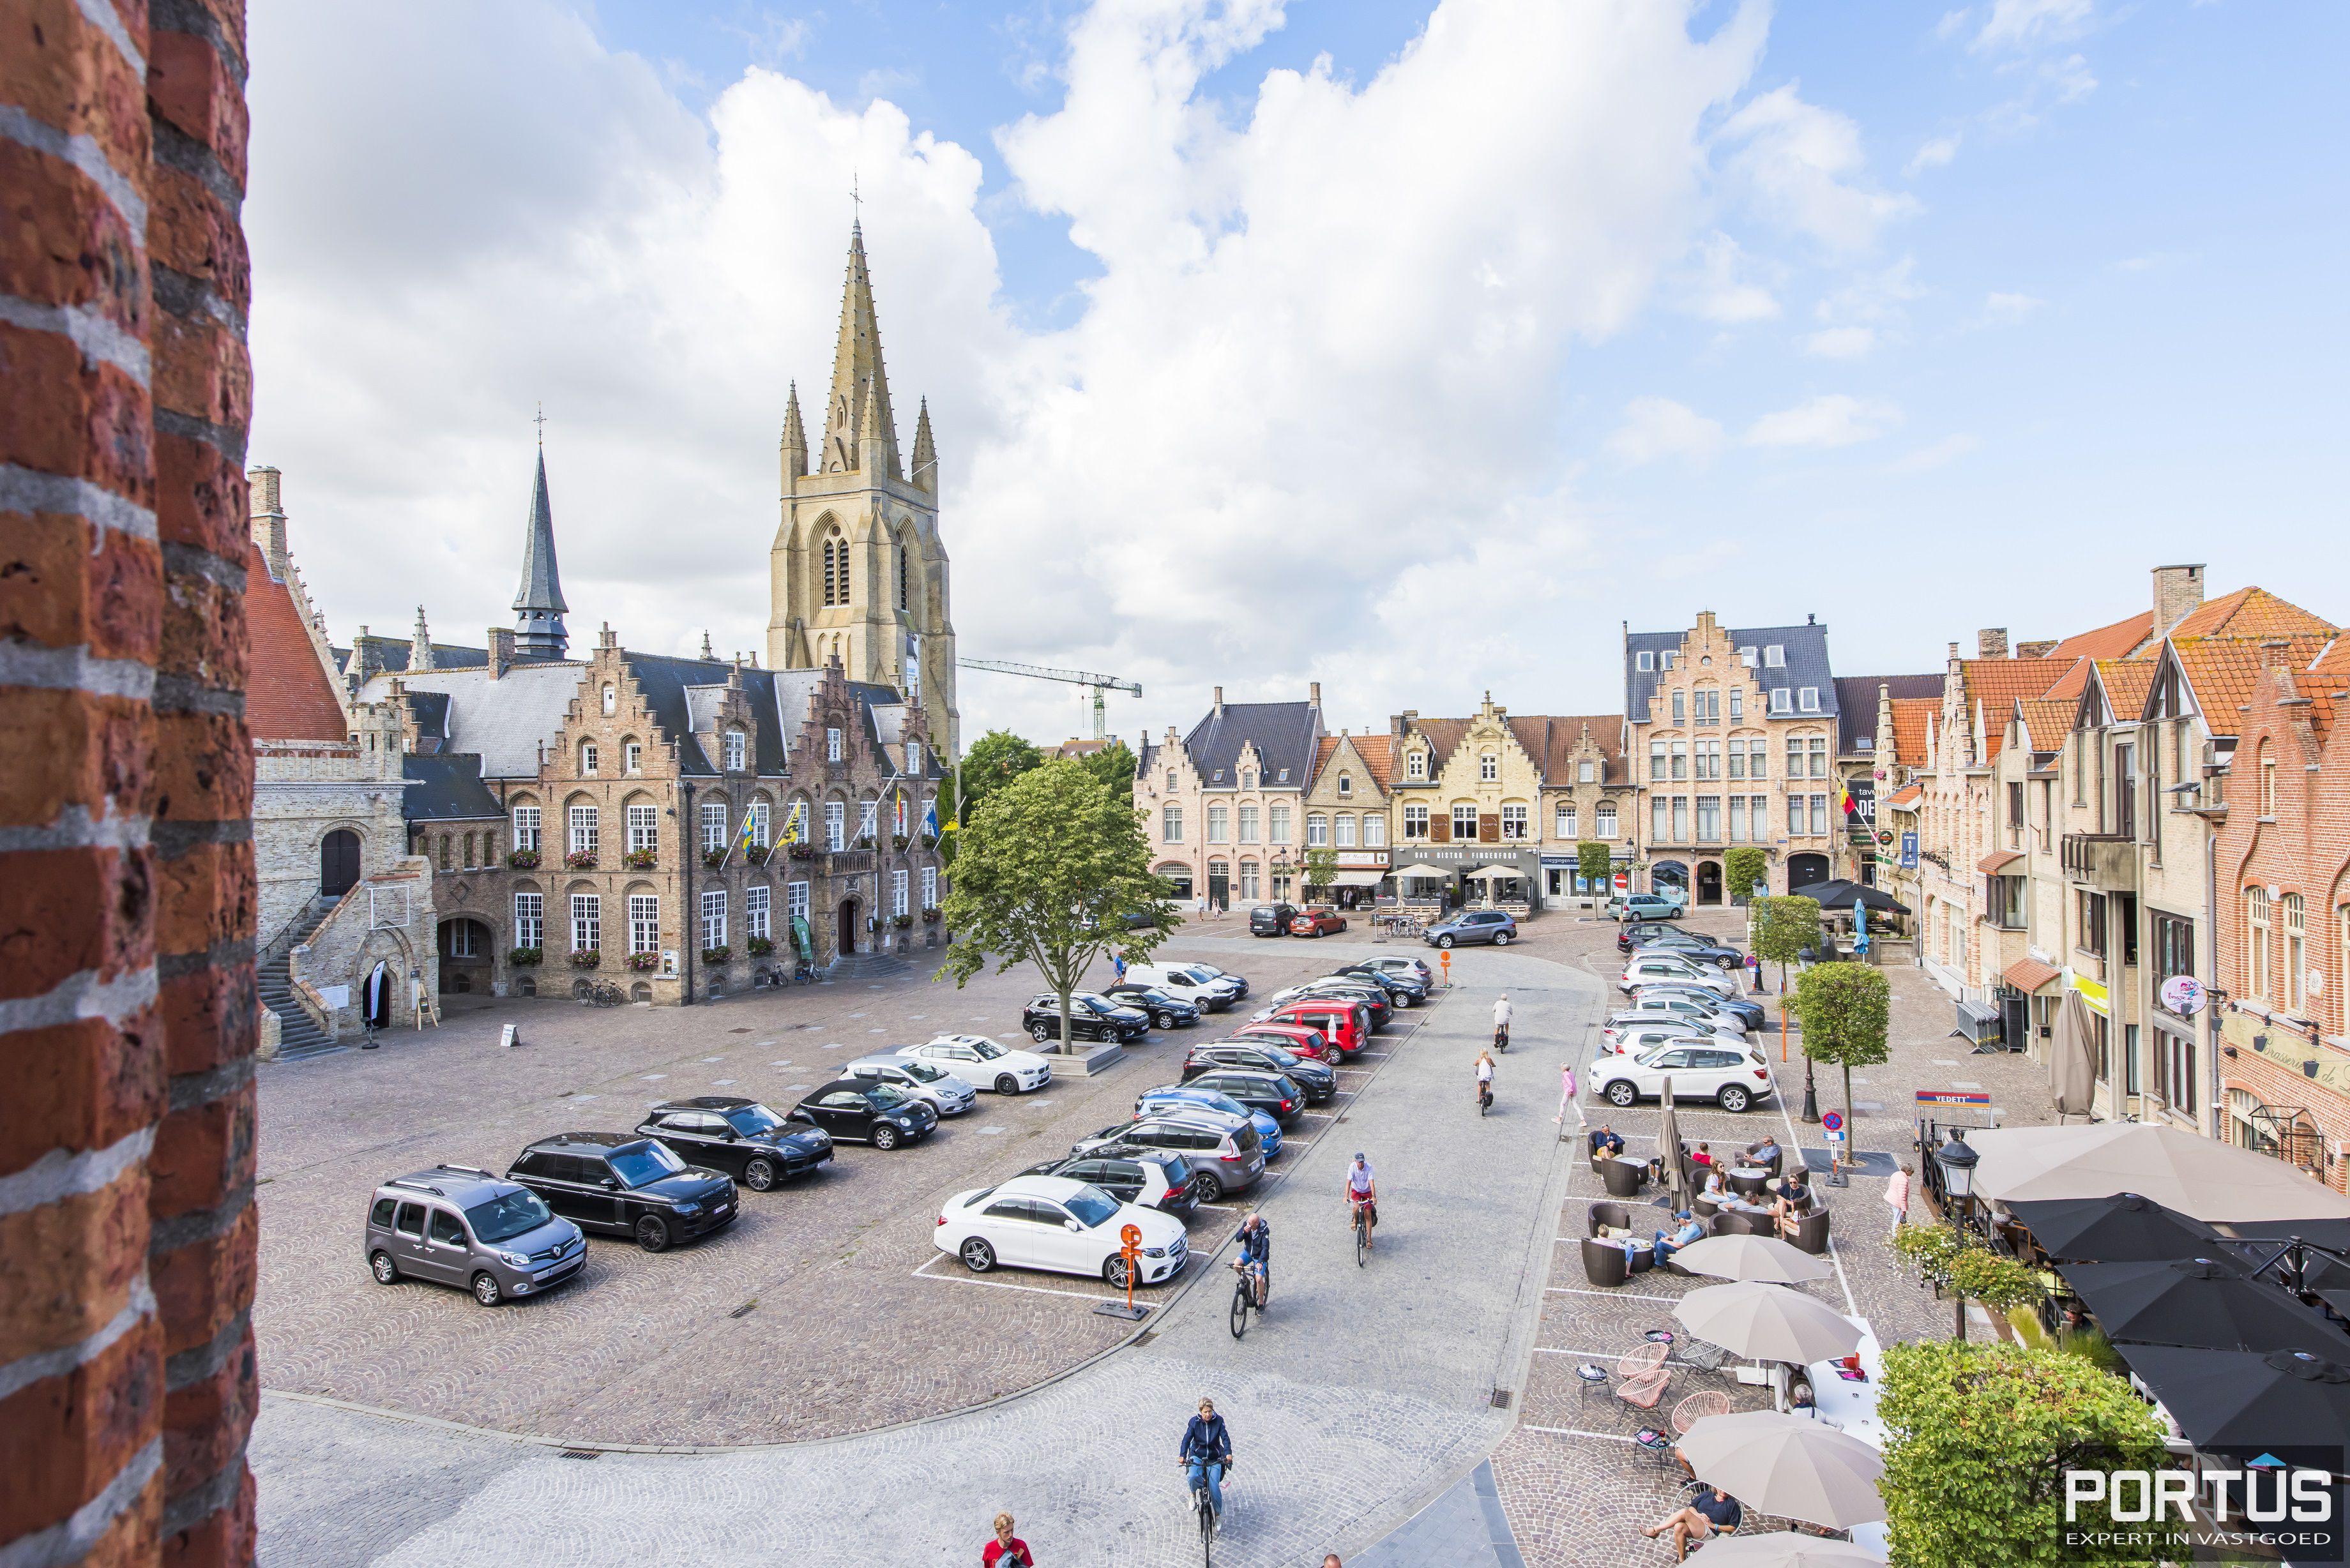 Appartement 3 slaapkamers te koop Marktplein Nieuwpoort - 9926